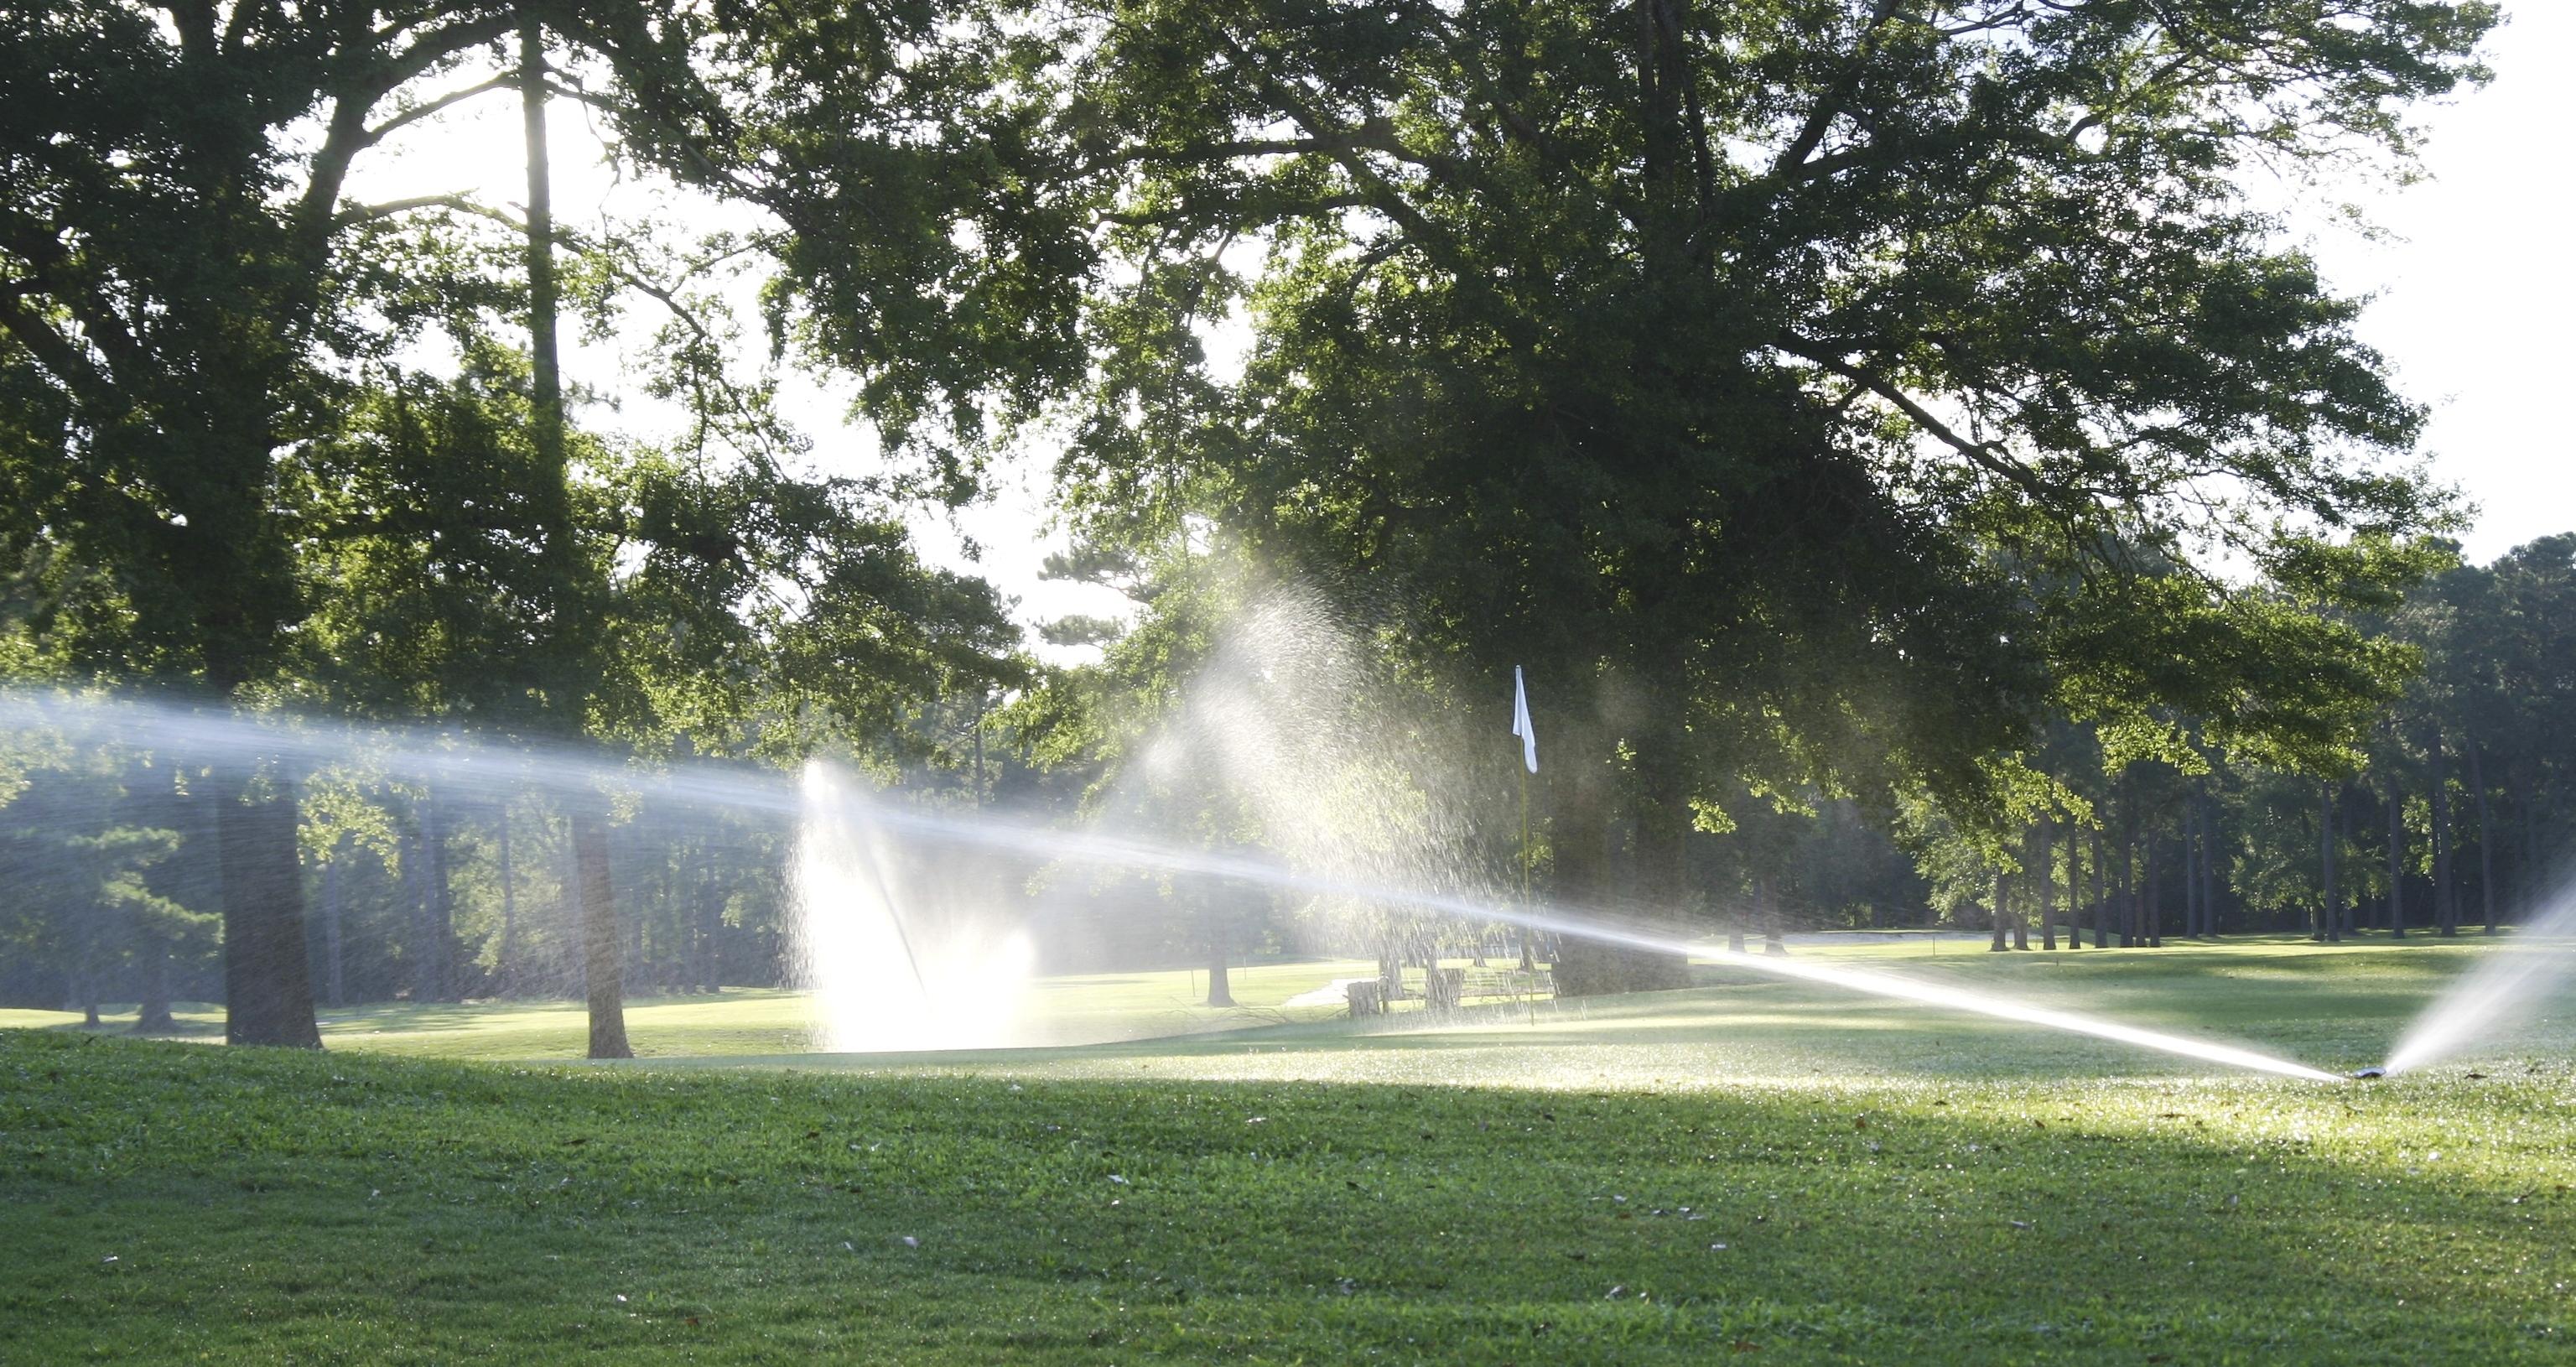 Fairway Irrigation